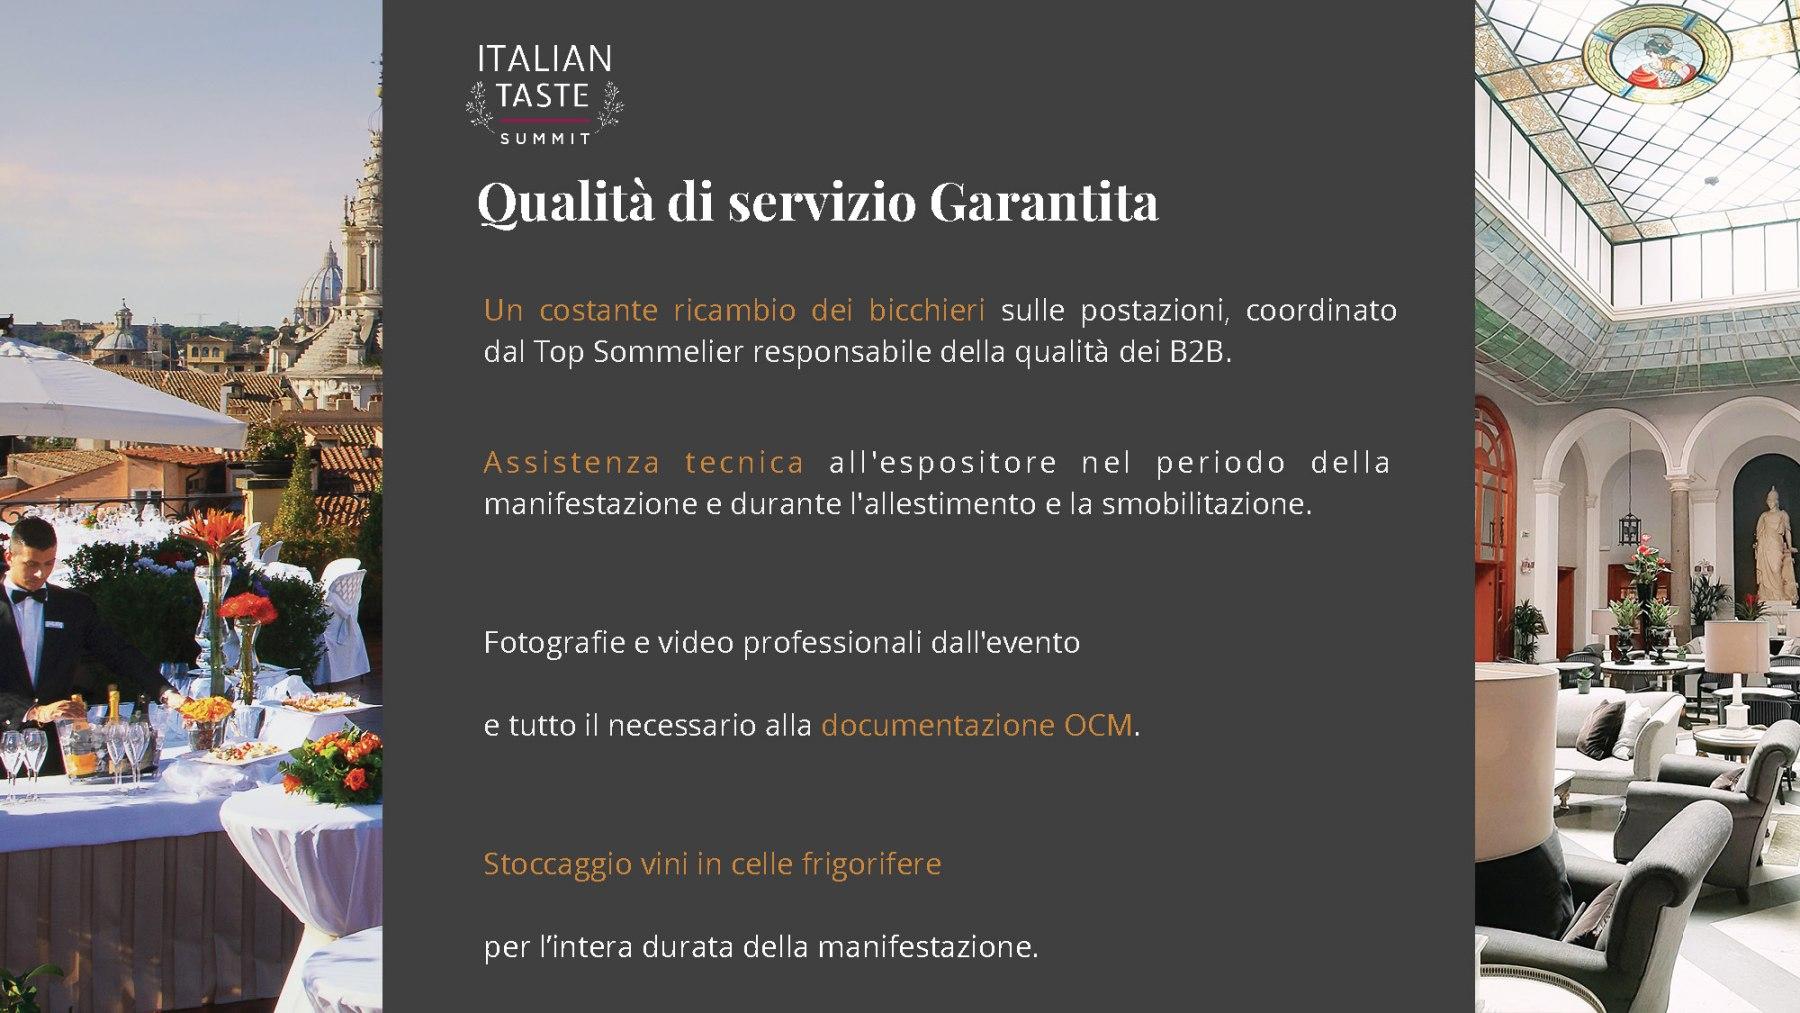 Italian-Taste-Summit-IT-2020_10